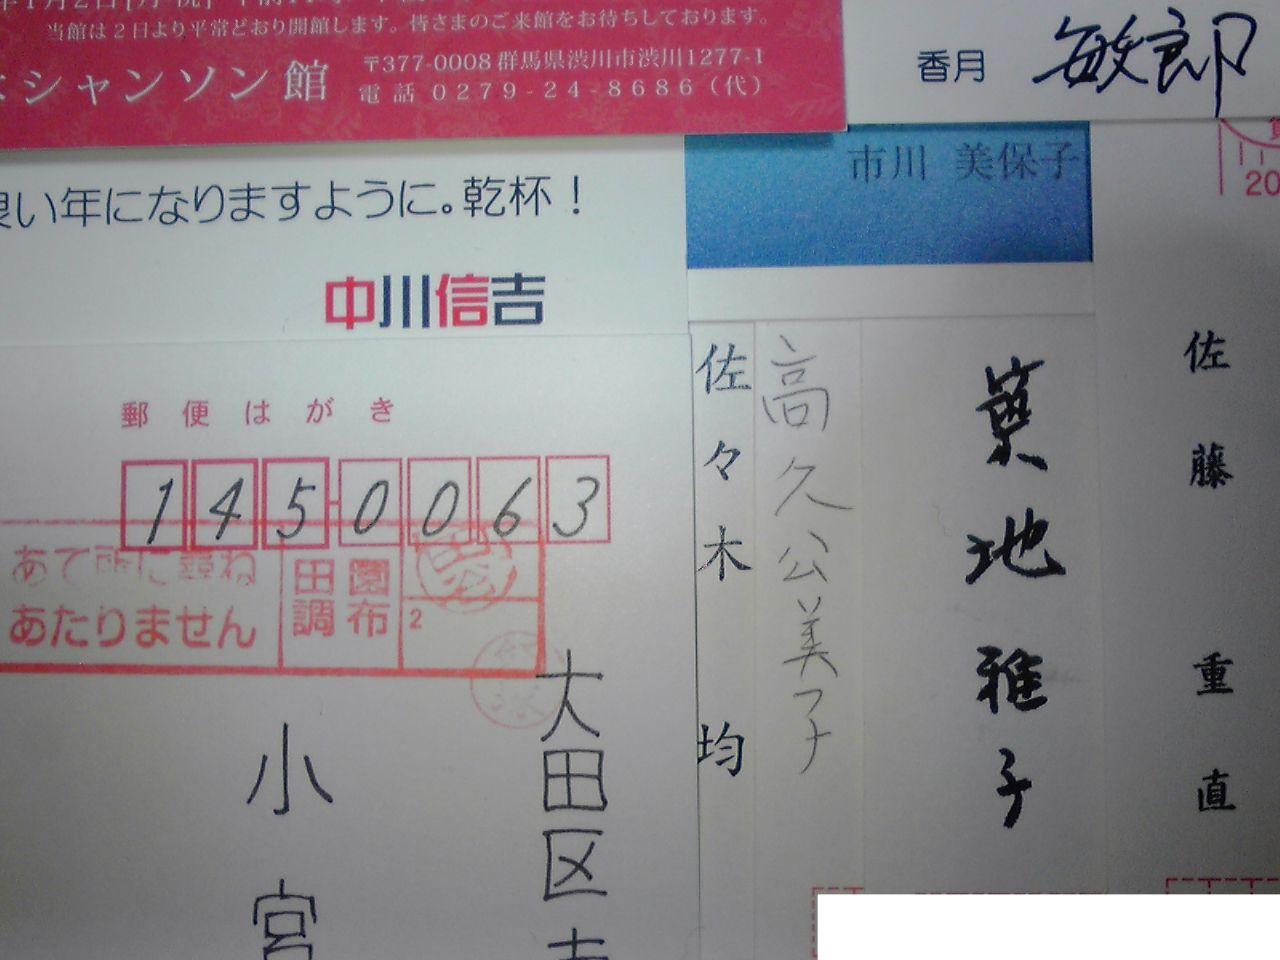 九重佑三子の初代「コメットさん」 たずねびと★小宮敬さん(脚本) ★改めまして、今頃謹賀新年。 『コメットさん』放映開始50周年の今年